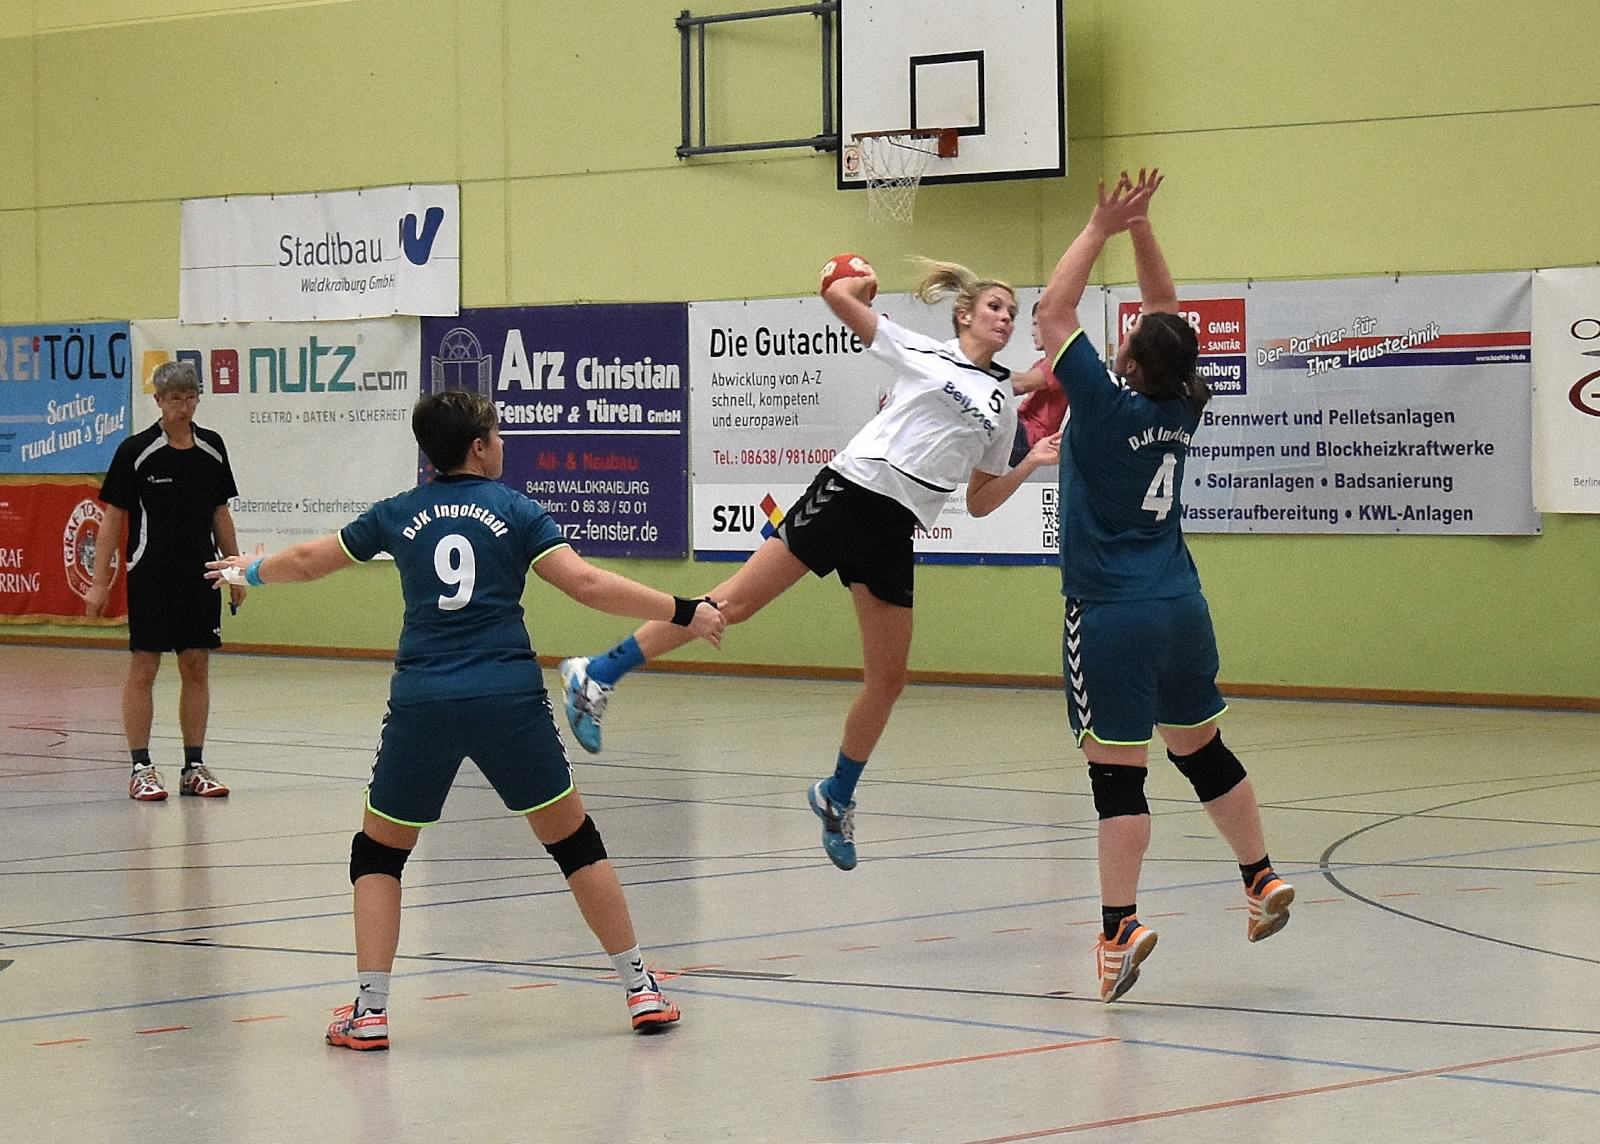 Handballergebnisse vom Wochenende